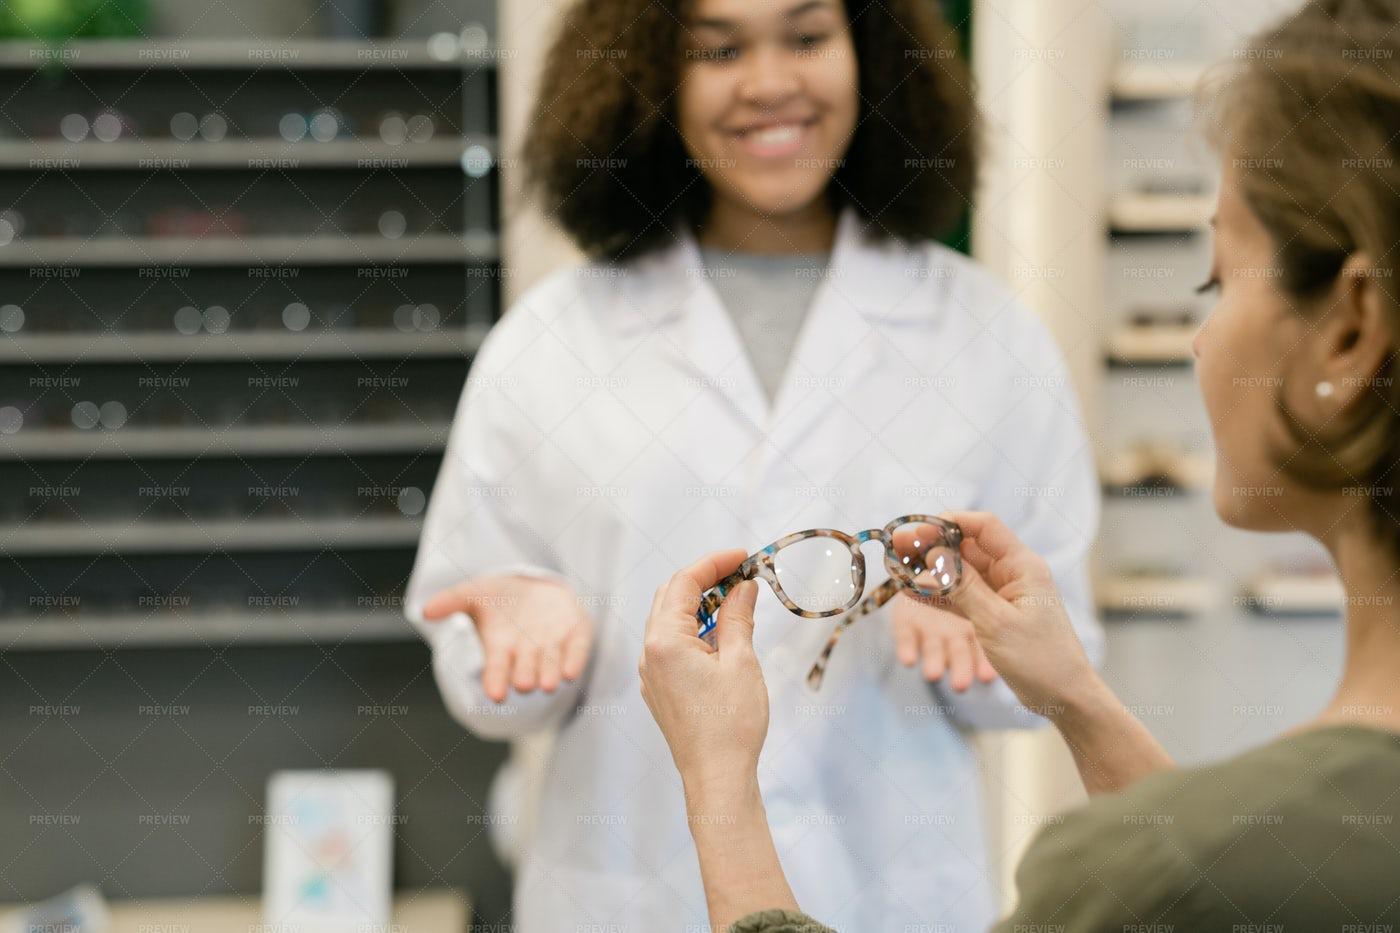 Woman Holding Stylish Eyeglasses...: Stock Photos